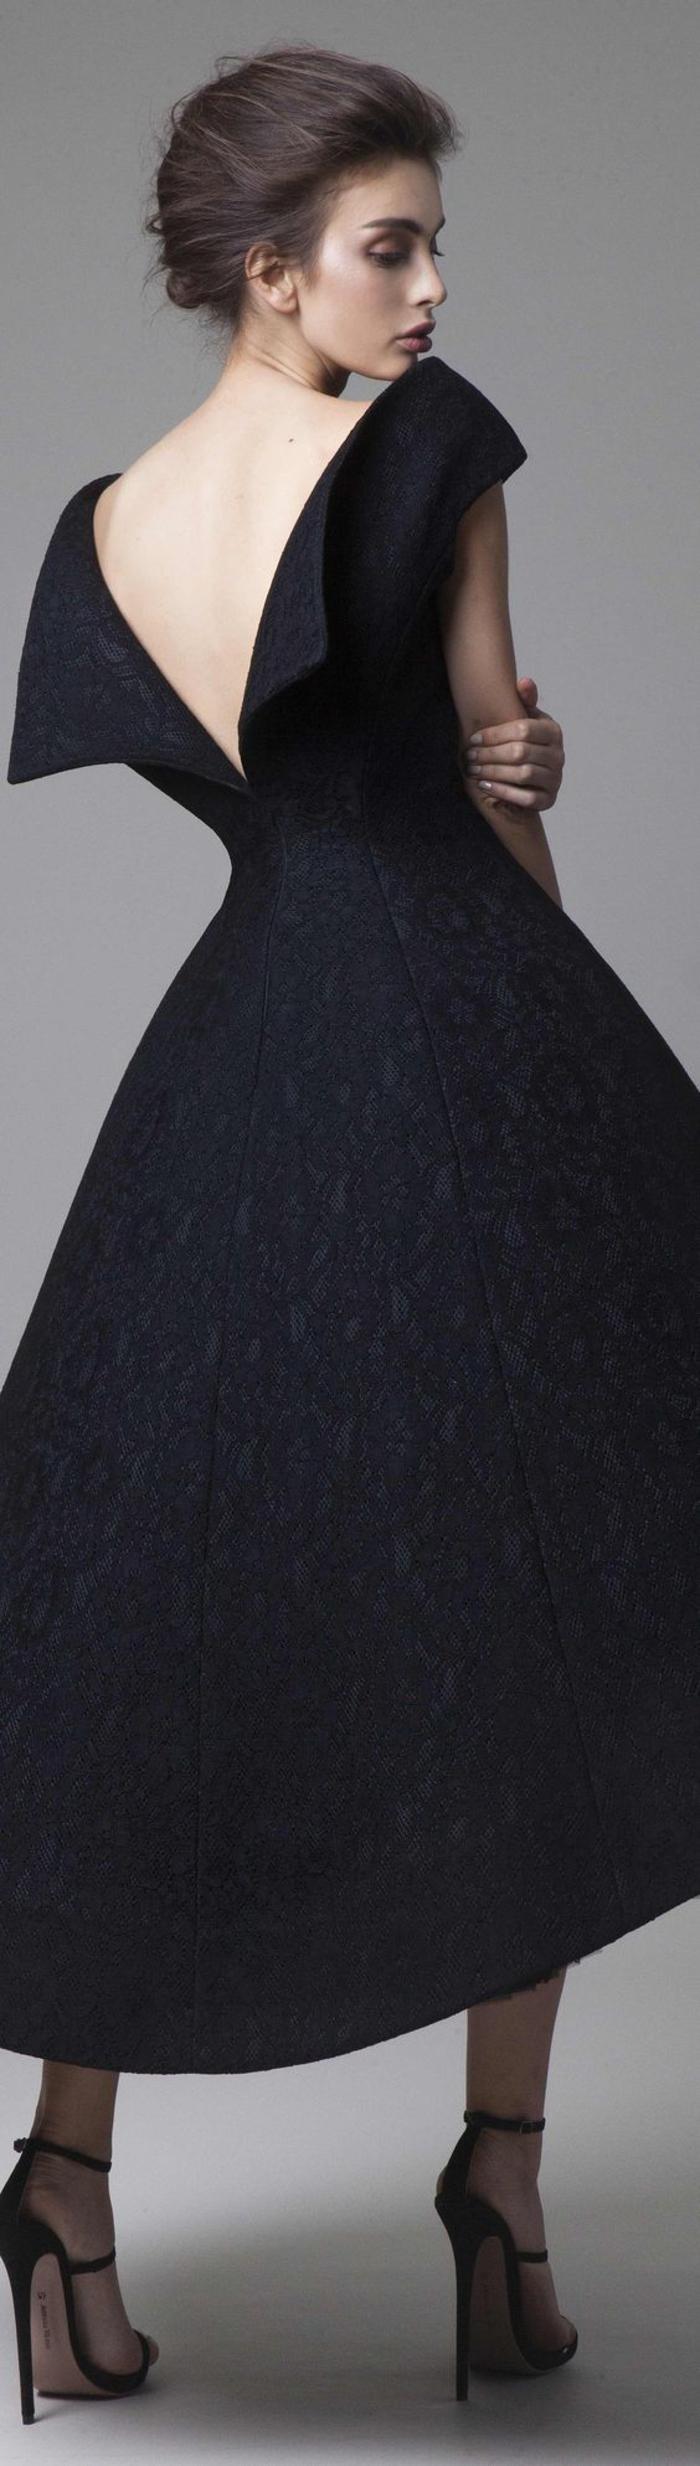 abendkleid in schwarz, lang und breit, traeger, schwarze pumps